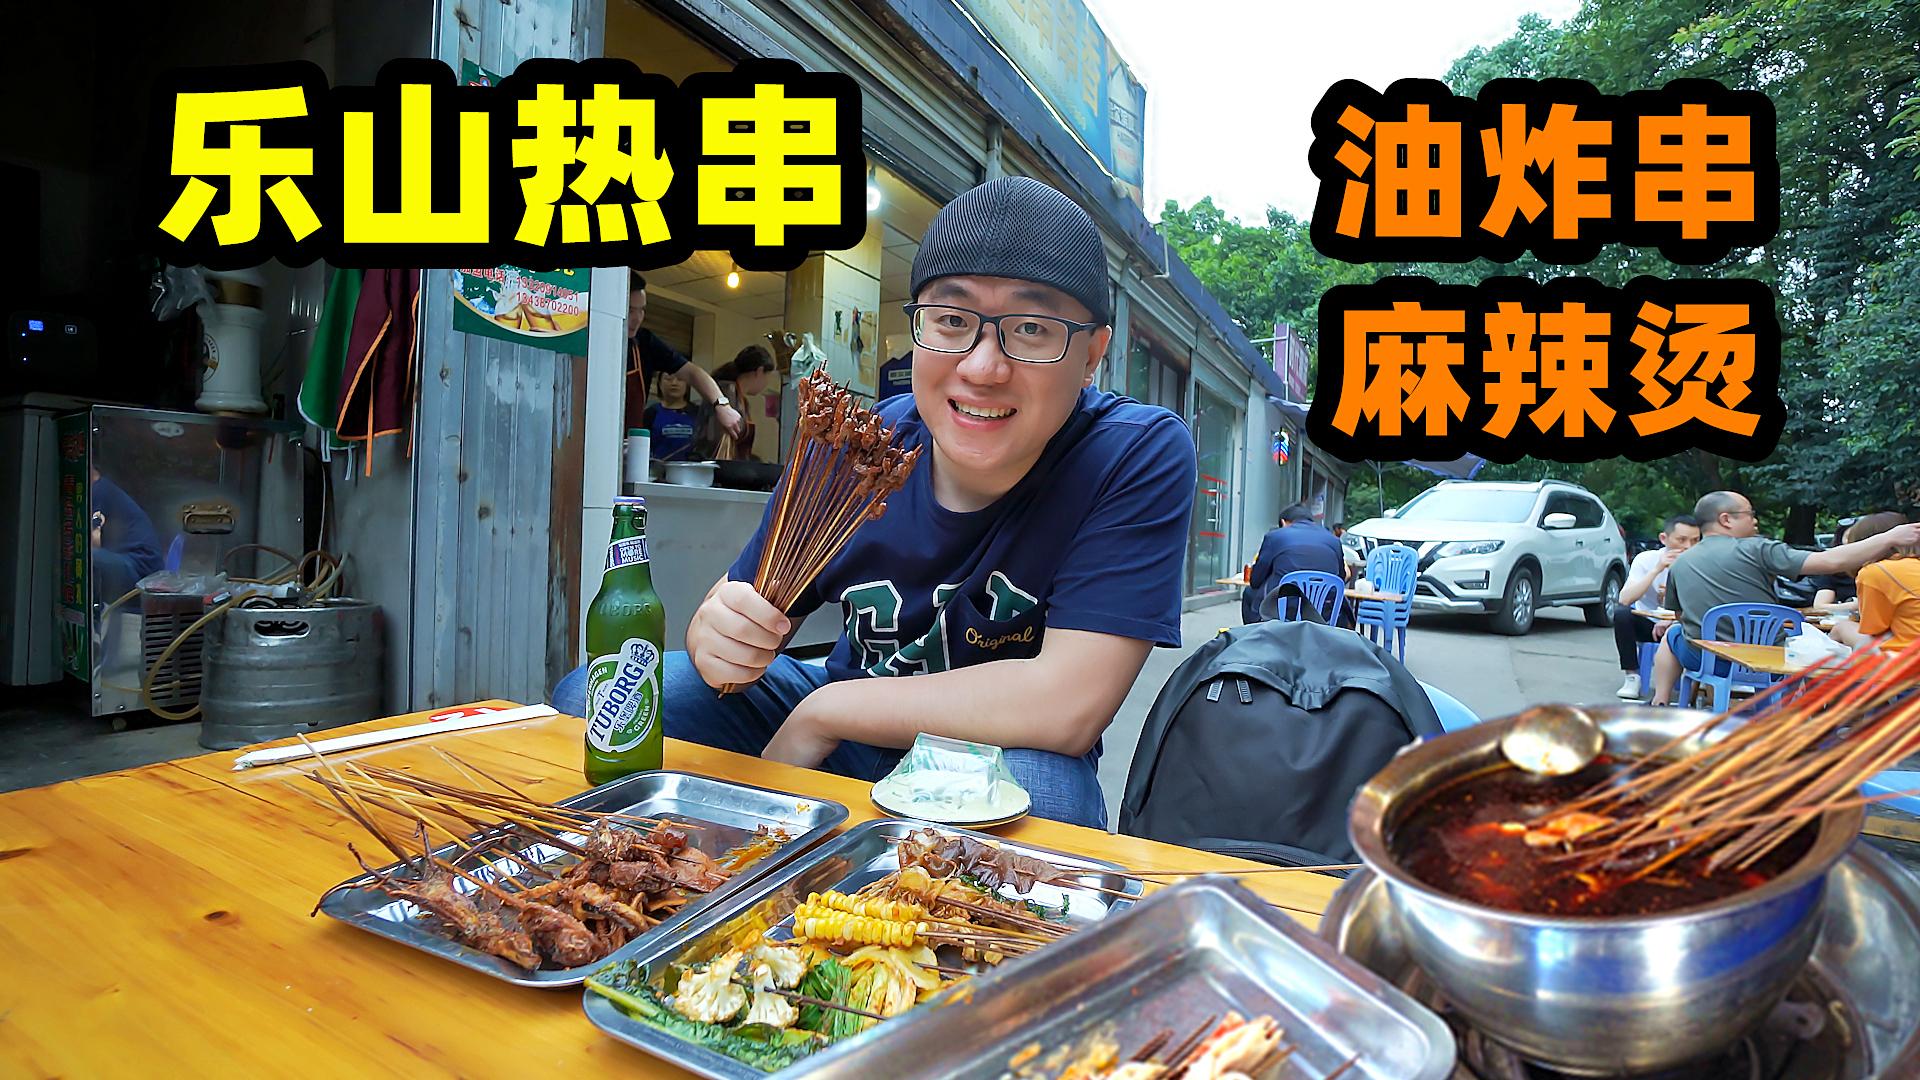 串串之城四川乐山,阿星吃热串撸签签,长药油炸串,牛华镇麻辣烫